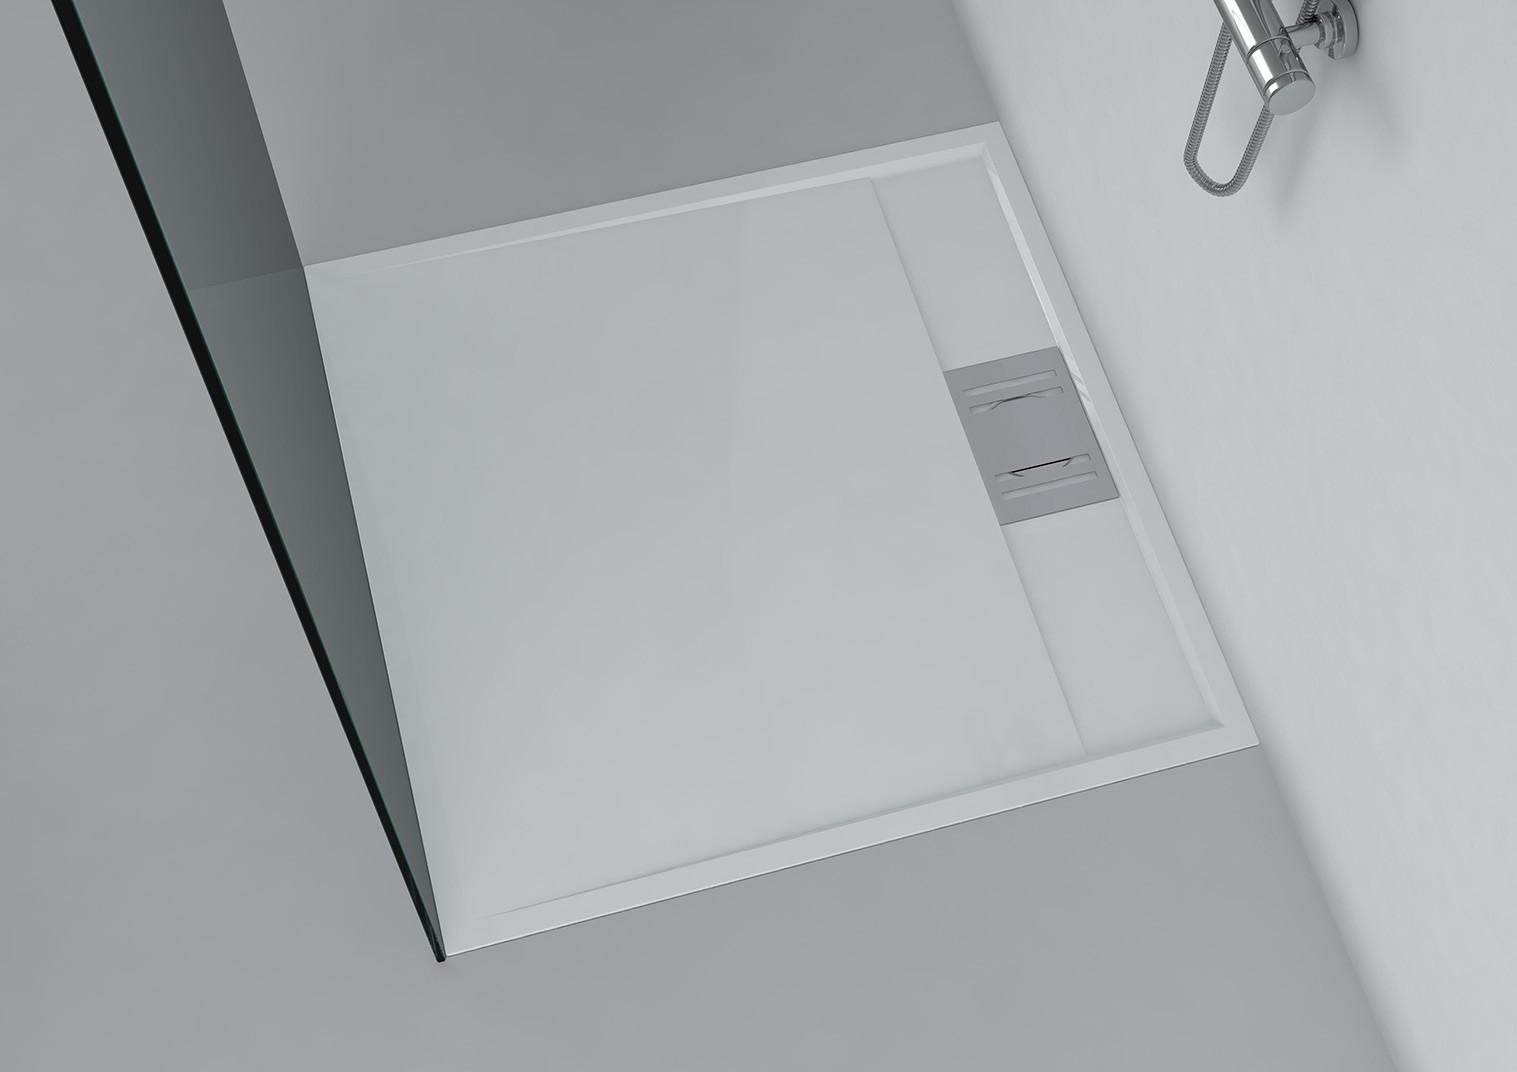 duschwanne 90x90 cm novara mineralguss viereck flach. Black Bedroom Furniture Sets. Home Design Ideas